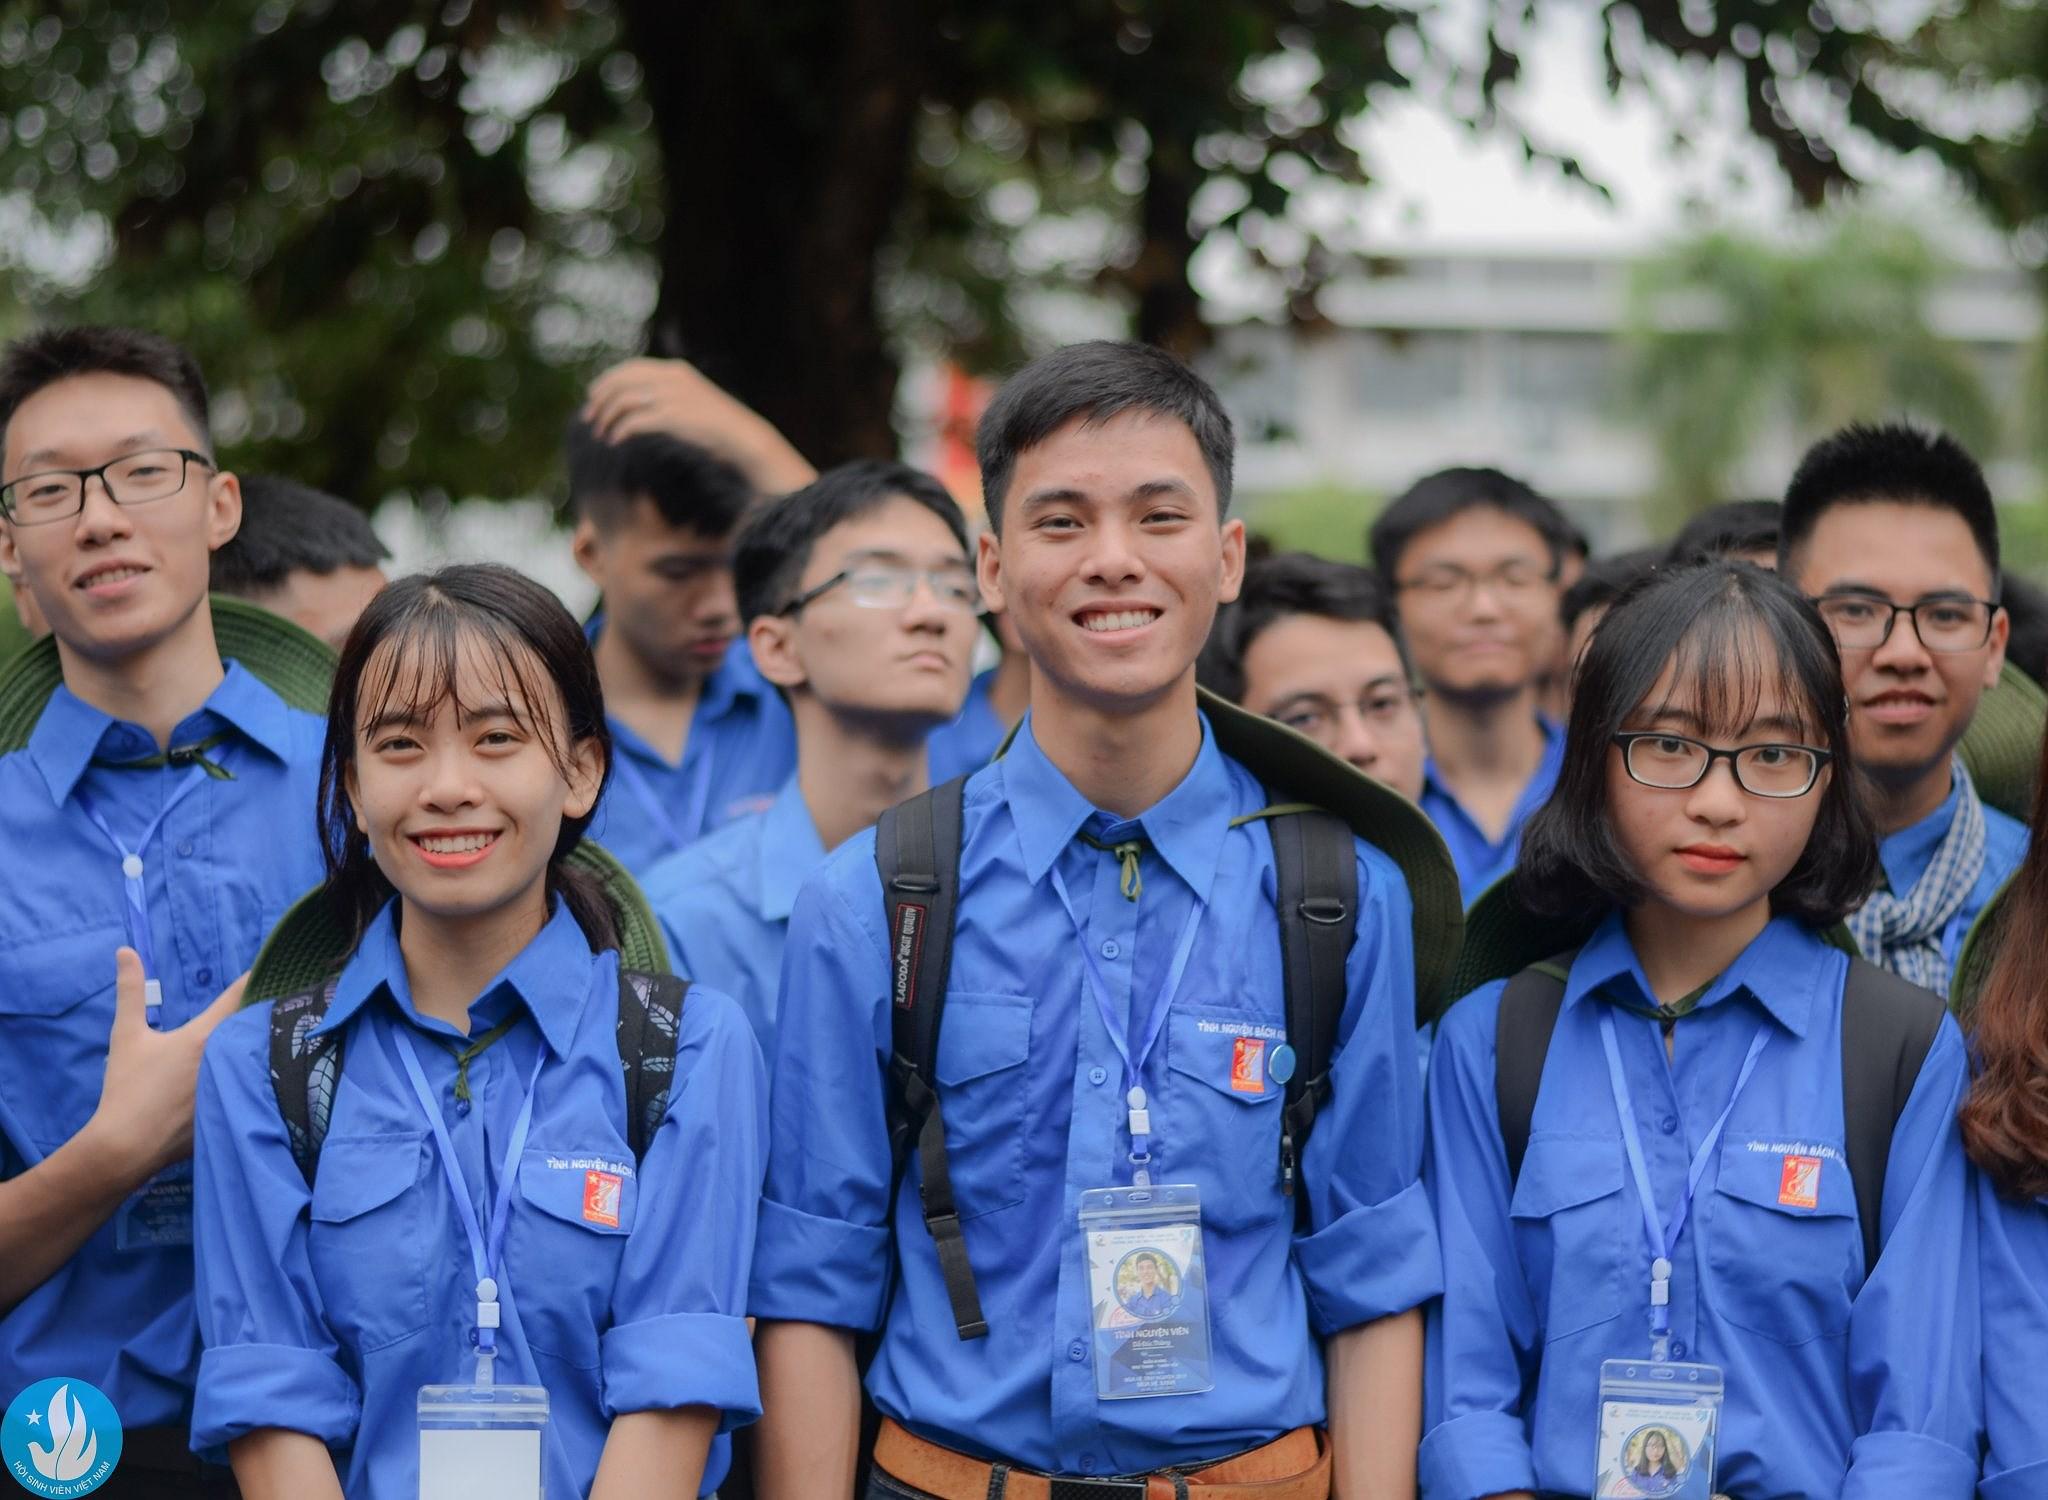 Đảng viên trẻ Đỗ Đức Thắng (đứng giữa), Đại học Bách khoa Hà Nội. (Ảnh: PV)